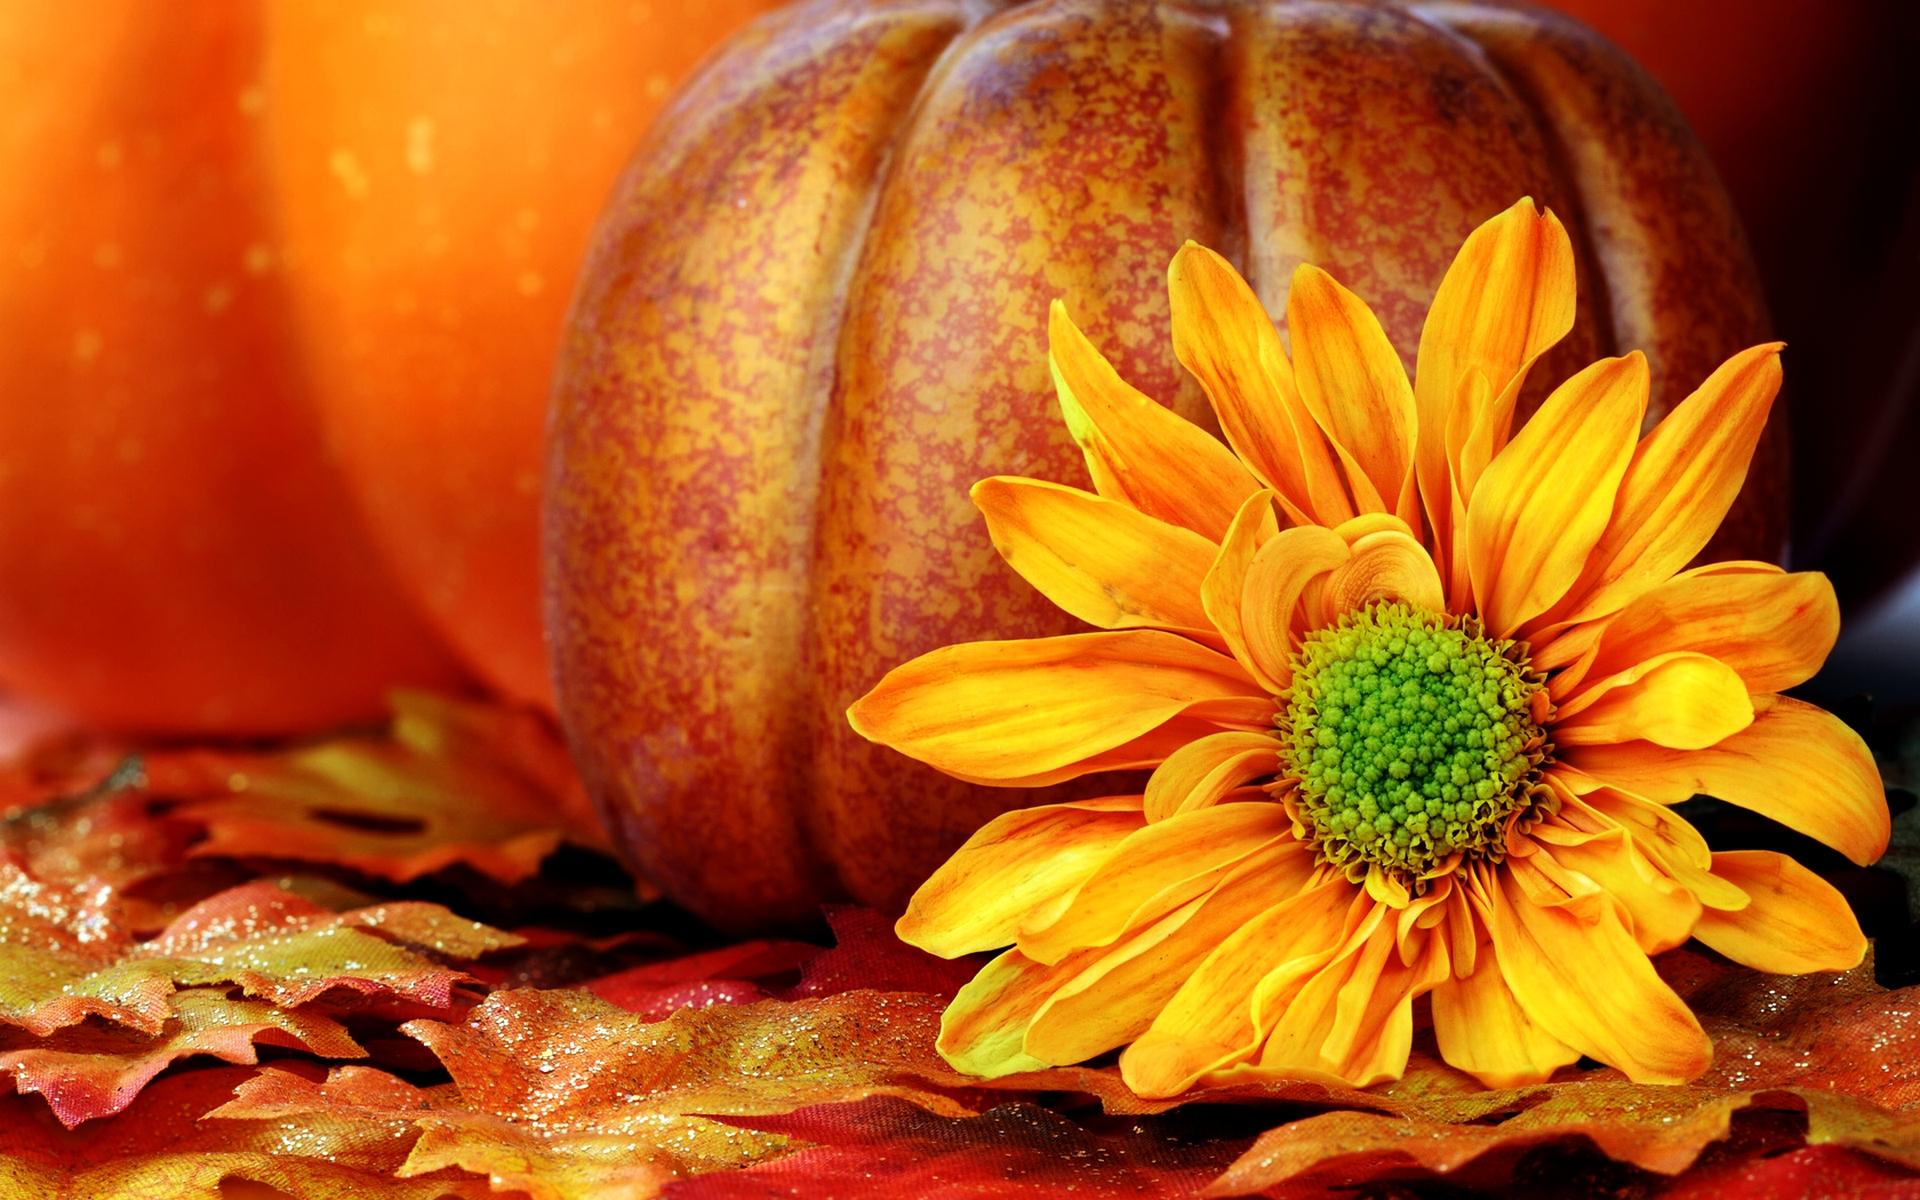 Pumpkin Wallpaper Backgrounds hd wallpaper background desktop 1920x1200